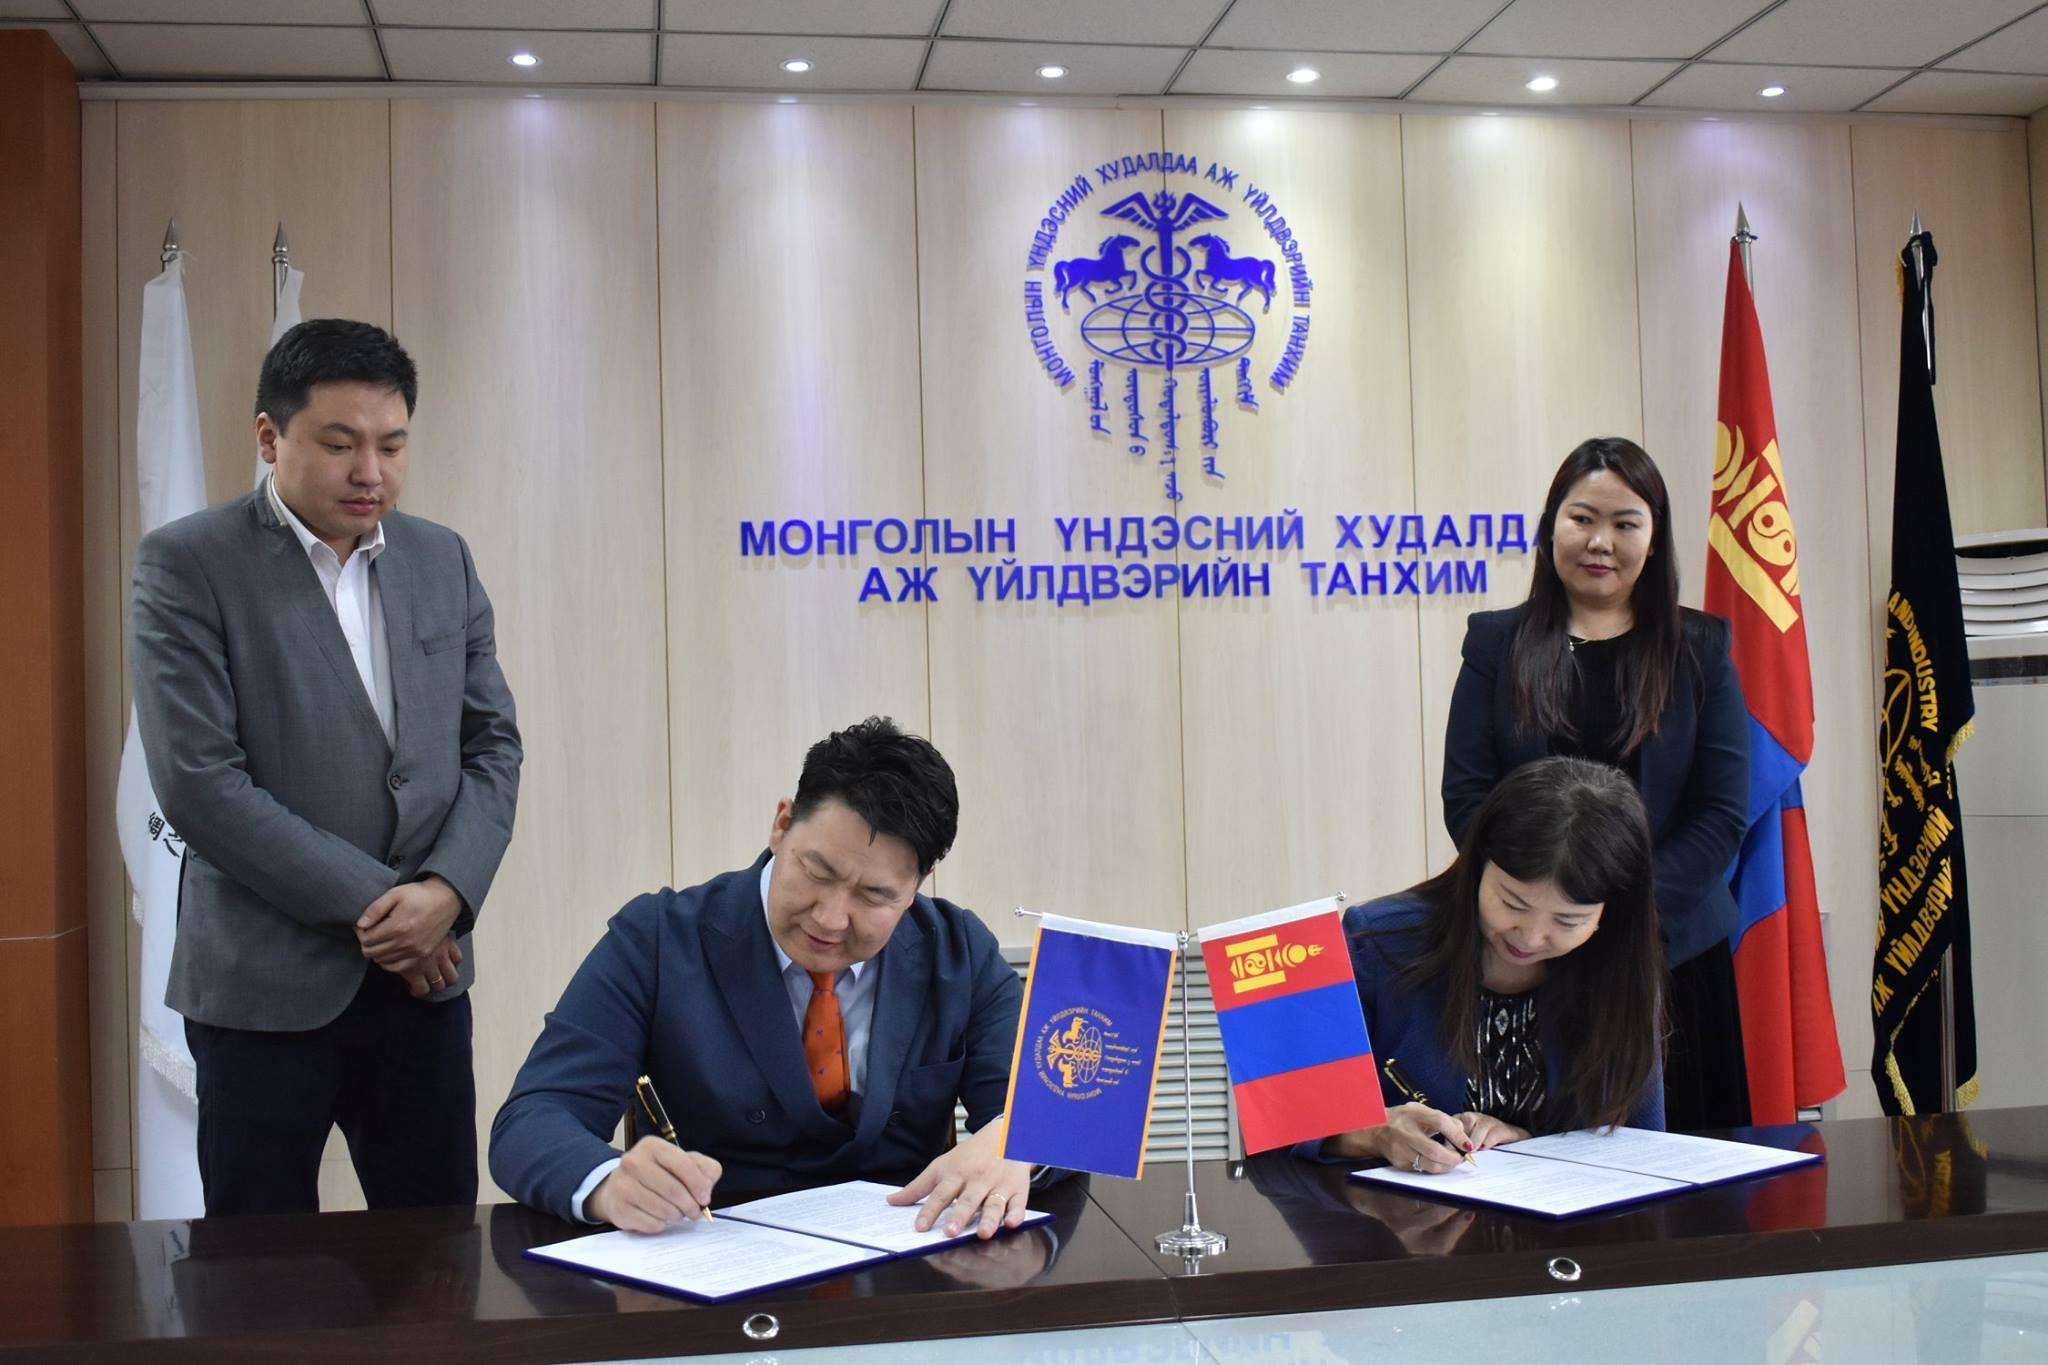 Монголын Үндэсний Худалдаа Аж Үйлдвэрийн танхимтай хамтын ажиллагааны гэрээ байгууллаа.